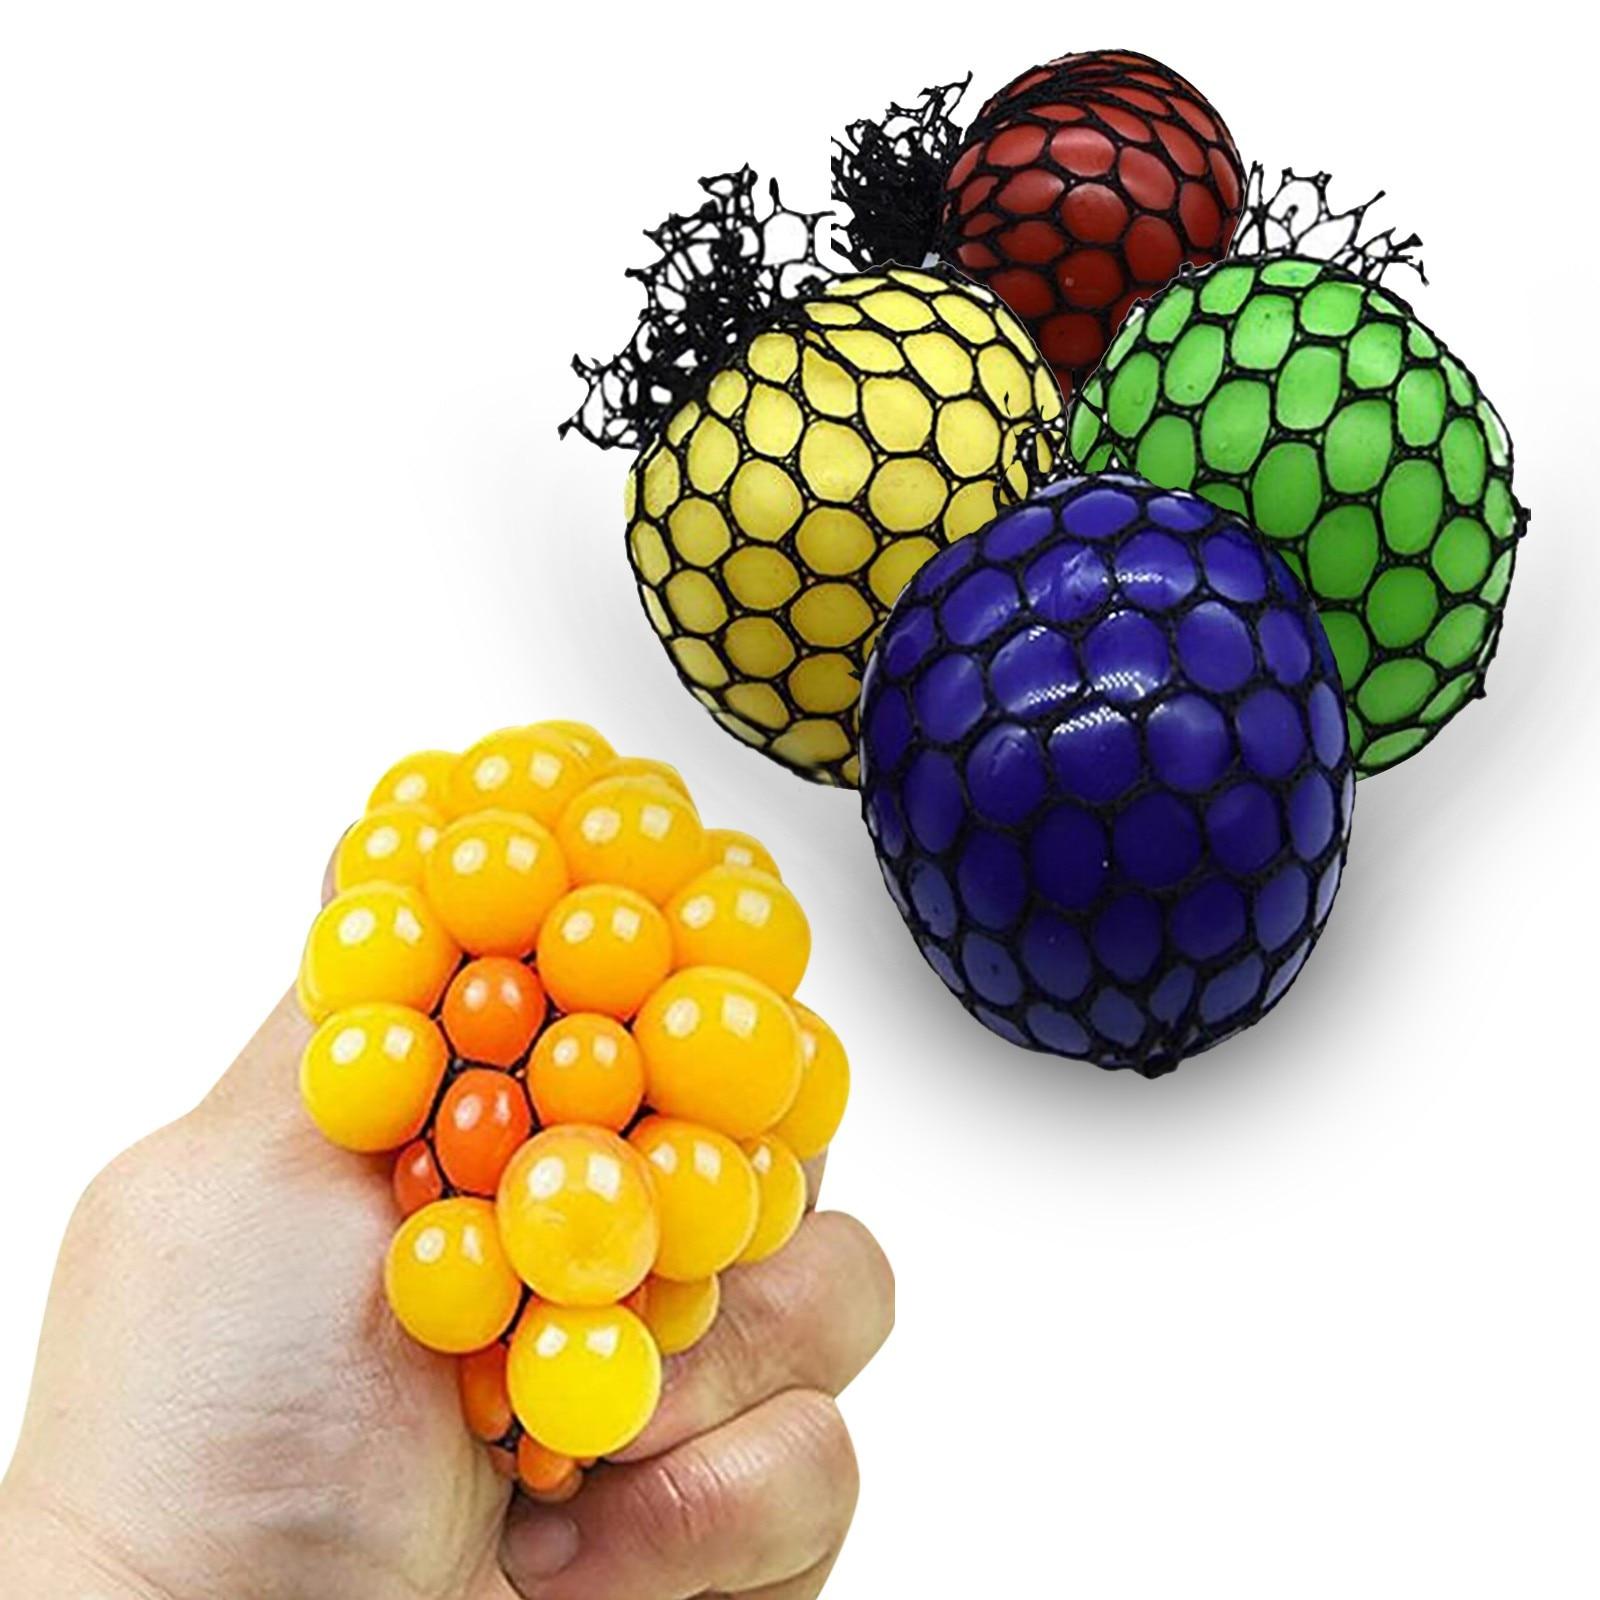 Непоседа куб Игрушки 6 см снятие стресса, мячи для снятия стресса на заказ, способный преодолевать Броды для взрослых и детей мягкие Игрушки ...